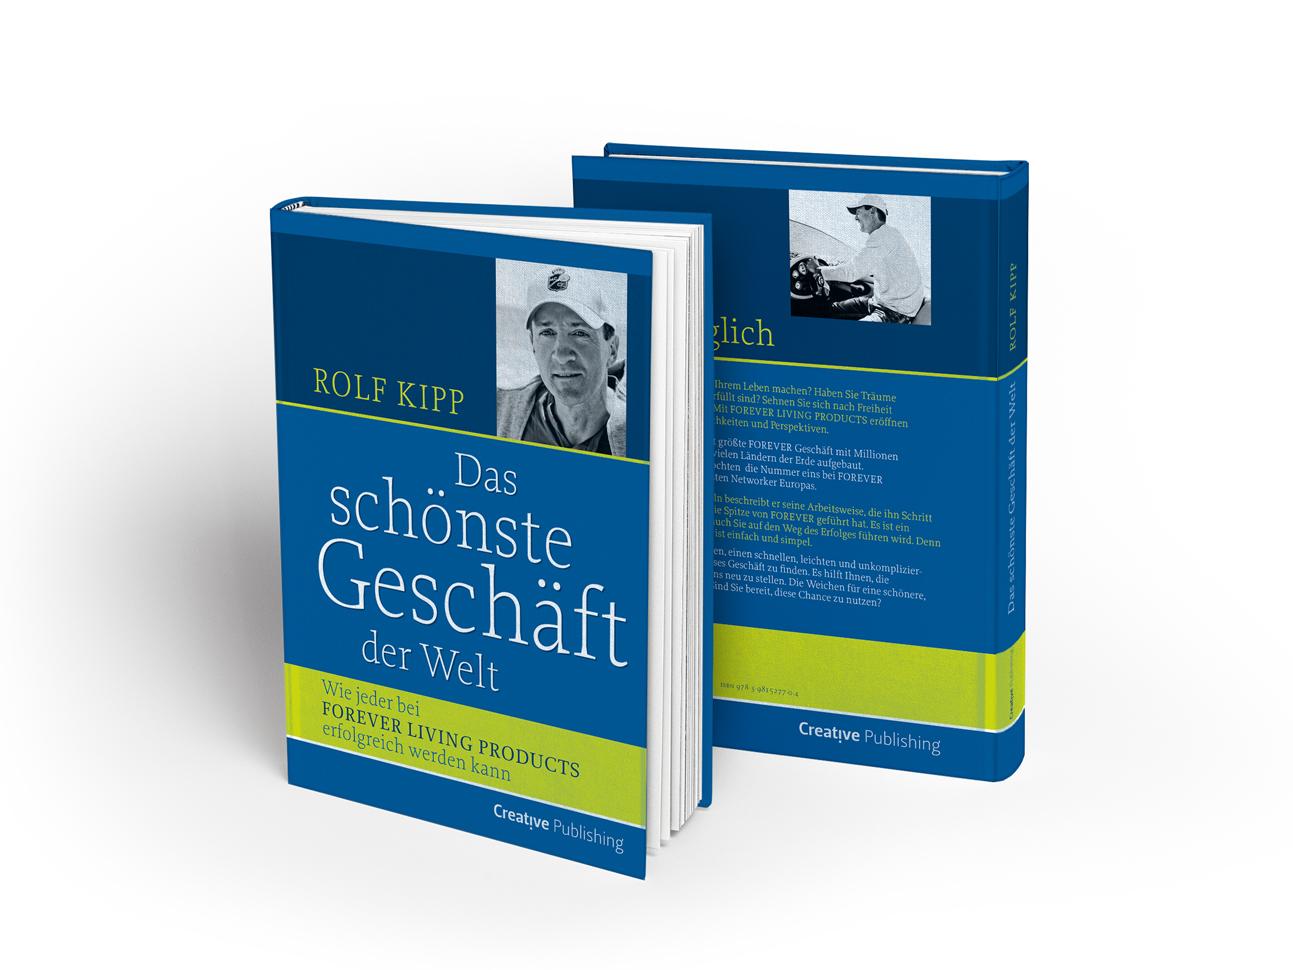 martin_zech_design_buchcover_rolf_kipp_das_schoenste_geschaeft_der_welt